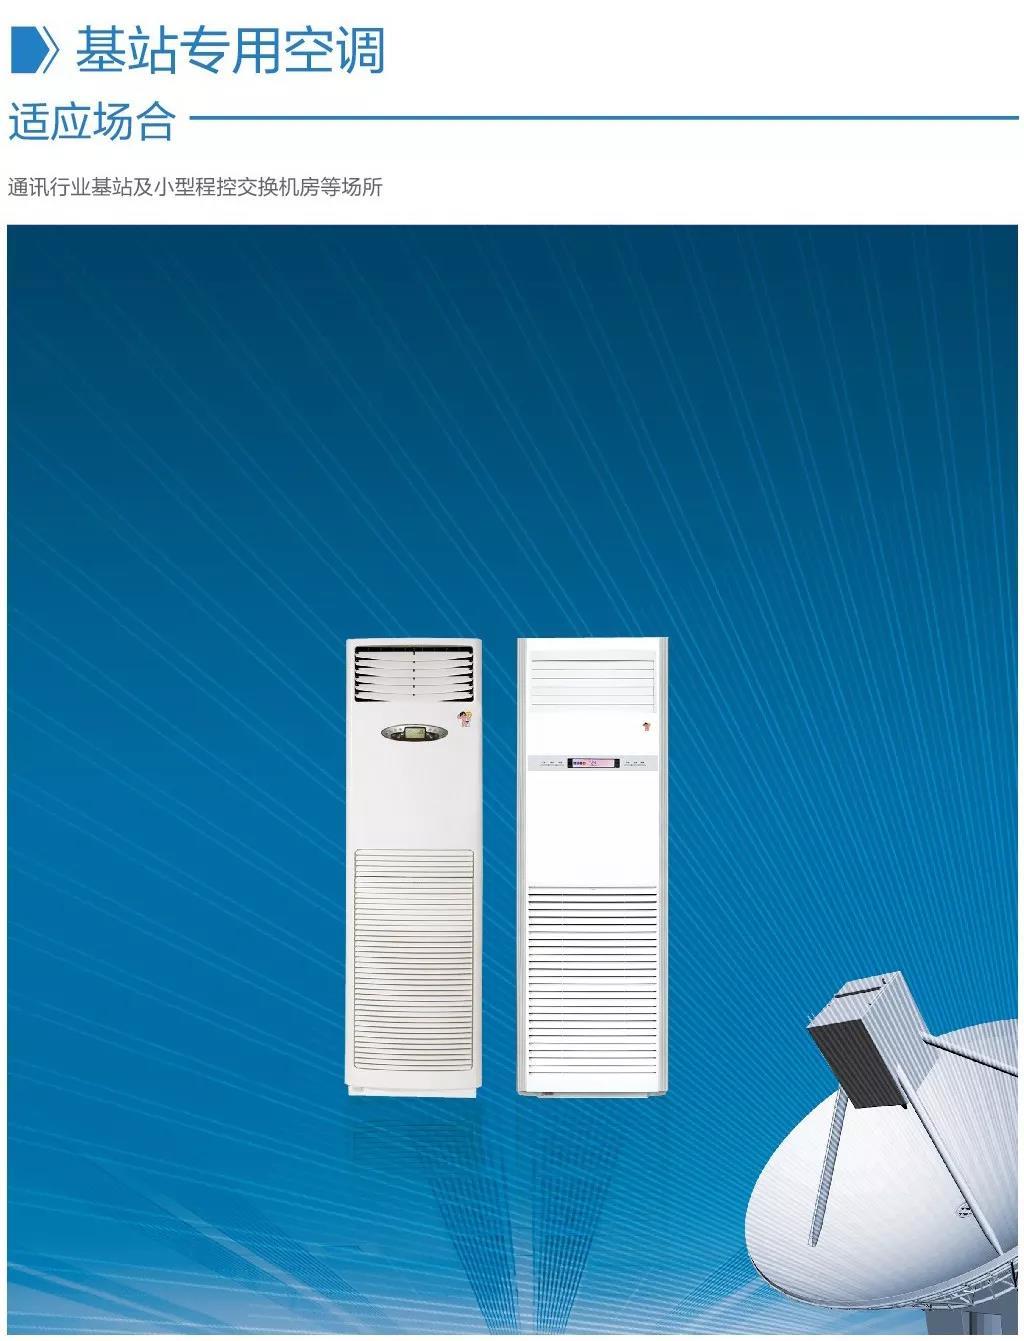 1.2亿!海尔中央空调助力移动加速5G进程